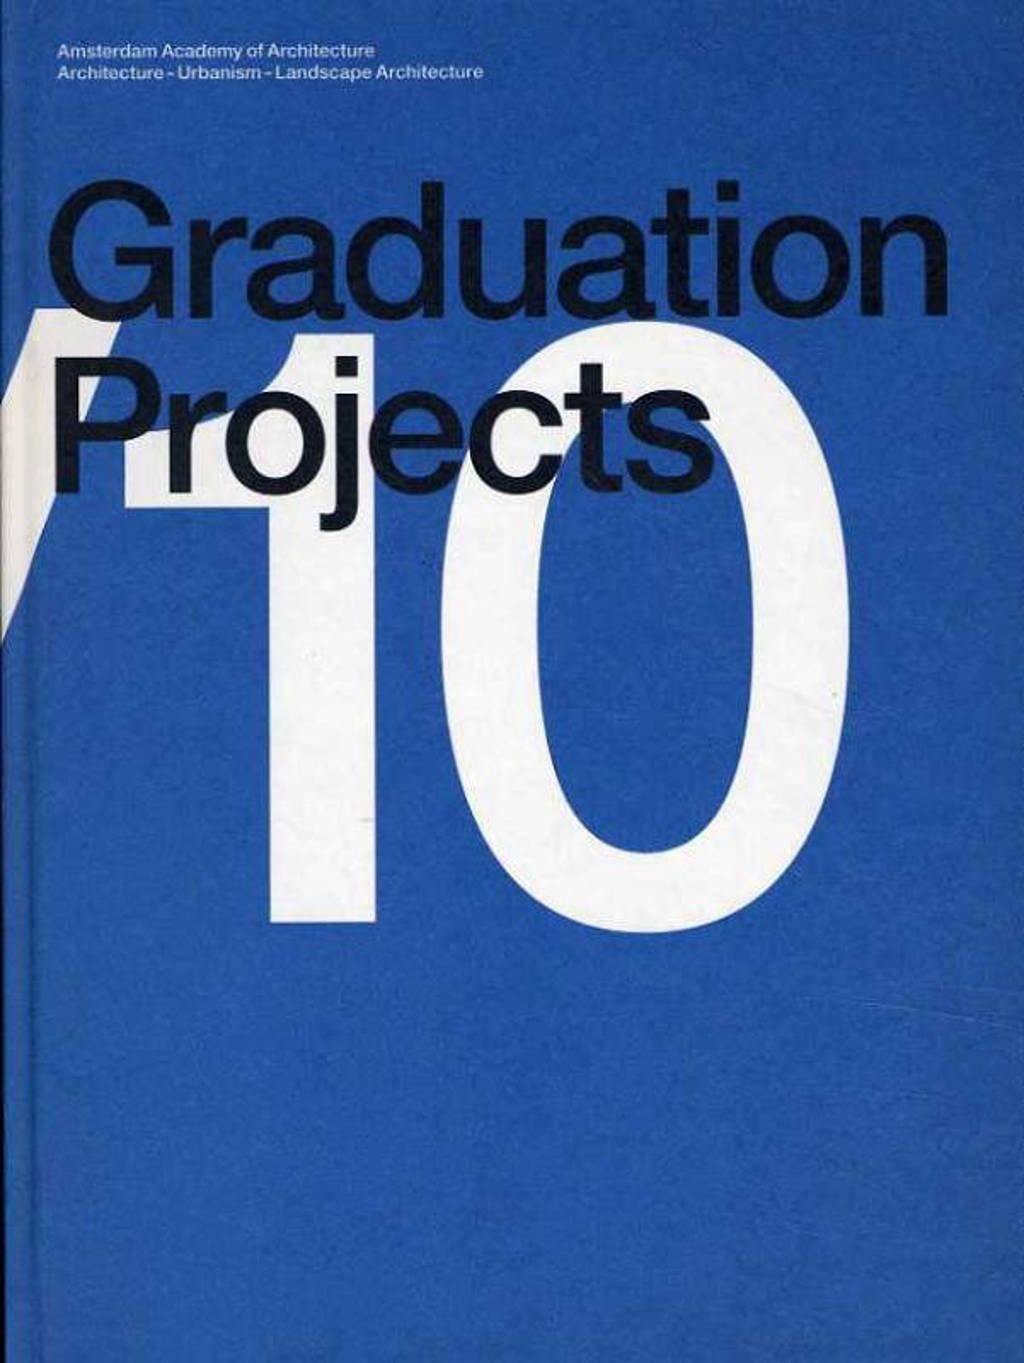 Graduation Projects - Aart Oxenaar, Klaas de Jong en Machiel Spaan